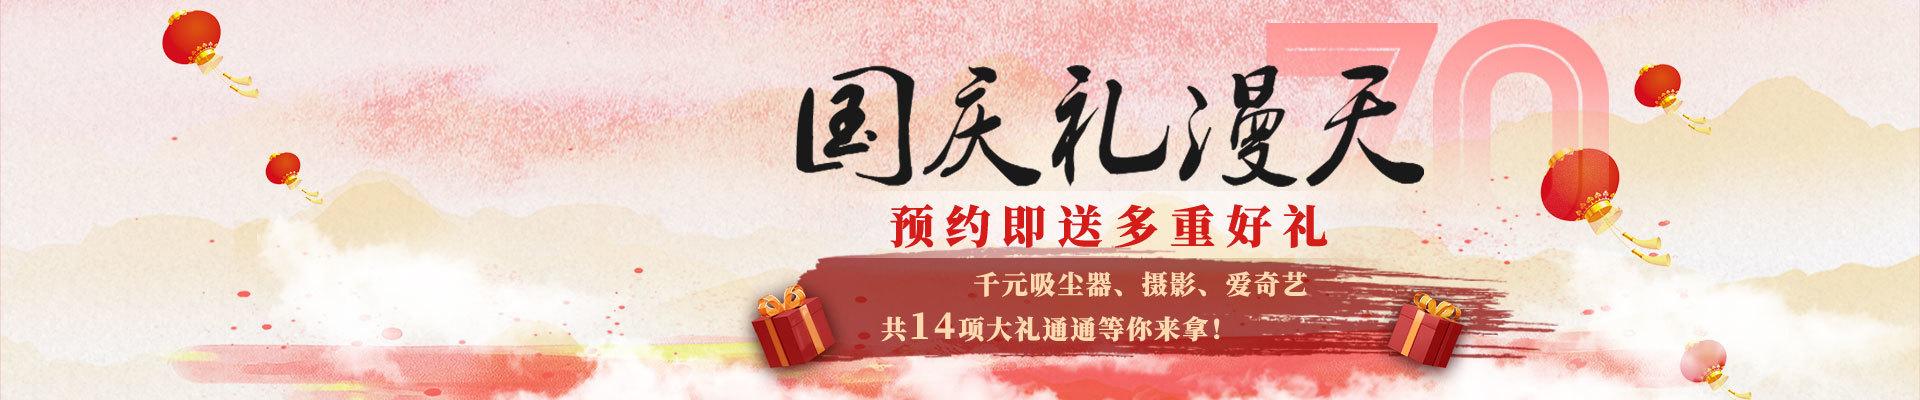 中秋國慶裝修狂歡節